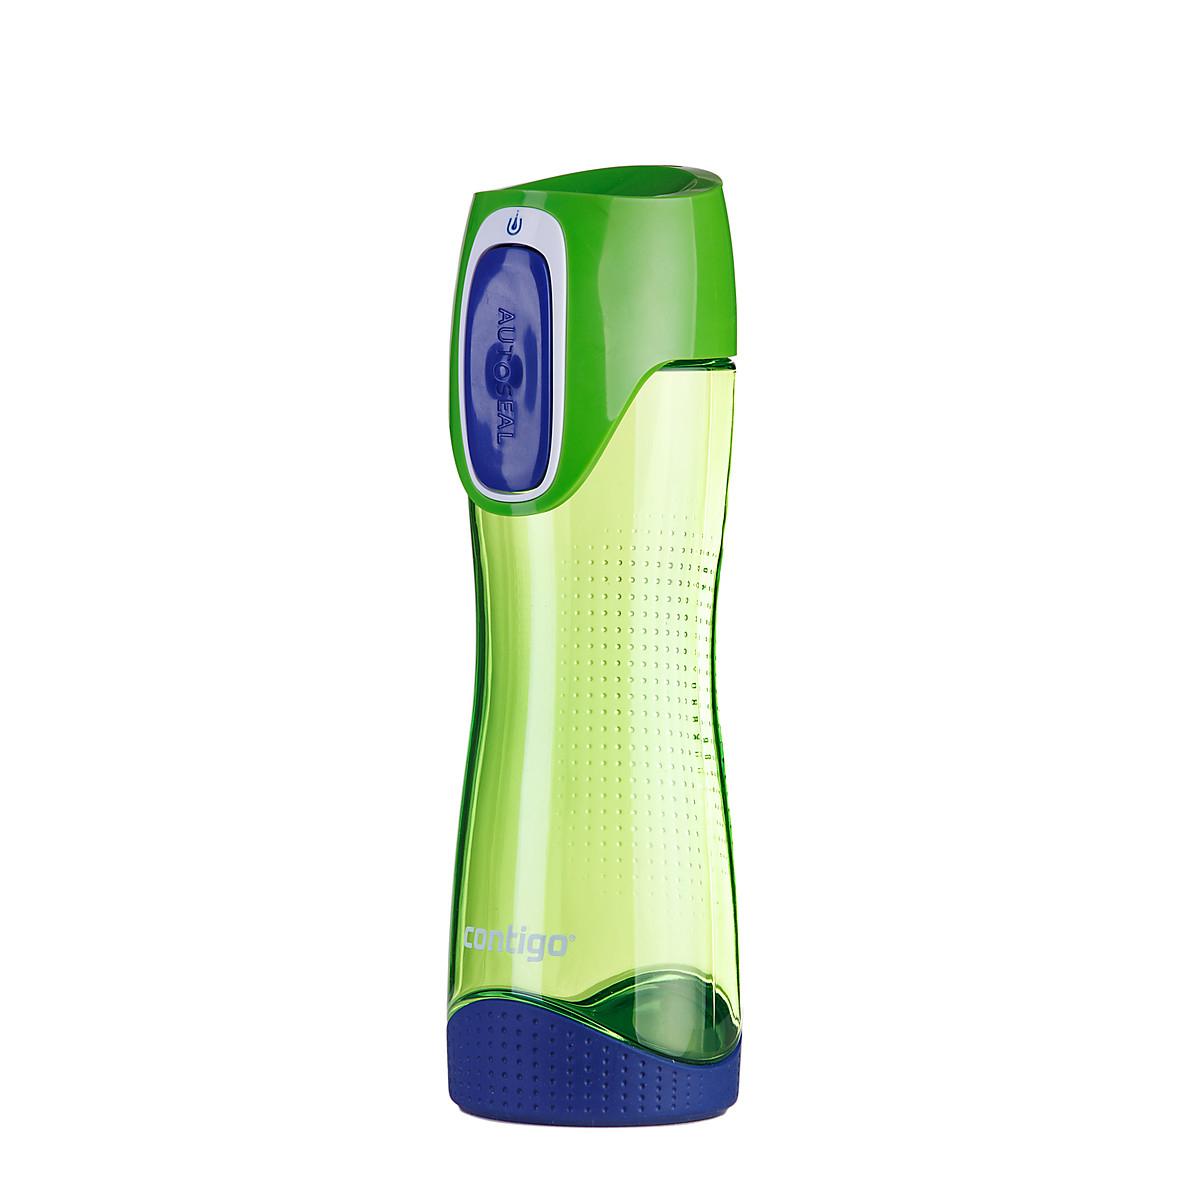 Бутылка для воды Contigo Swish, цвет: зеленый, синий, 550 млVT-1520(SR)Бутылка для воды Contigo Swish - это замечательный сюрприз как для родных и друзей, так и для себя.Практичная и комфортная форма, а также удобный размер позволит вам всегда носить ее с собой. Кроме того, для того, чтобы попить из бутылки вам достаточно просто нажать на кнопку, а при отпускании ее крышка автоматически закроется, исключая вытекание воды. Такая система обеспечивает полную защиту вашей воды от попадания вредных и ненужных микроорганизмов.